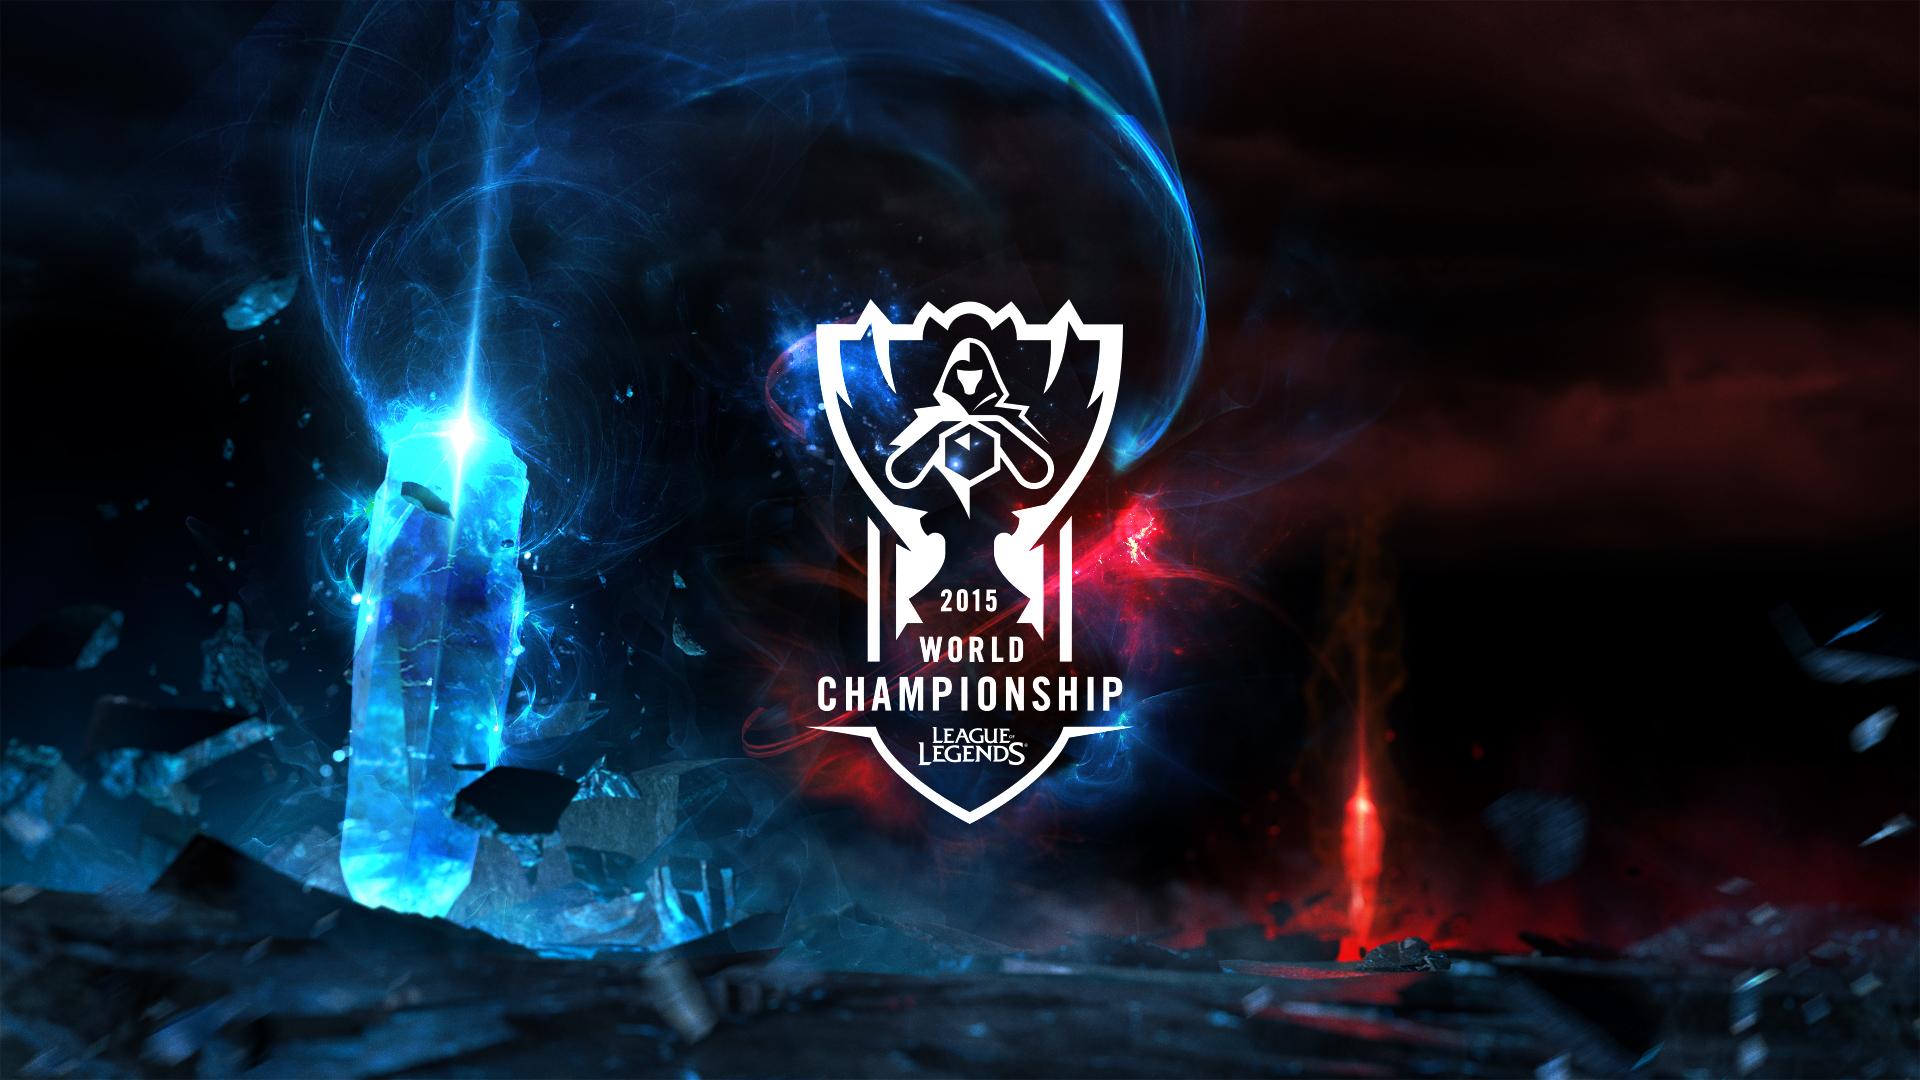 World Championship, SK Telecom T1, Edward Gaming